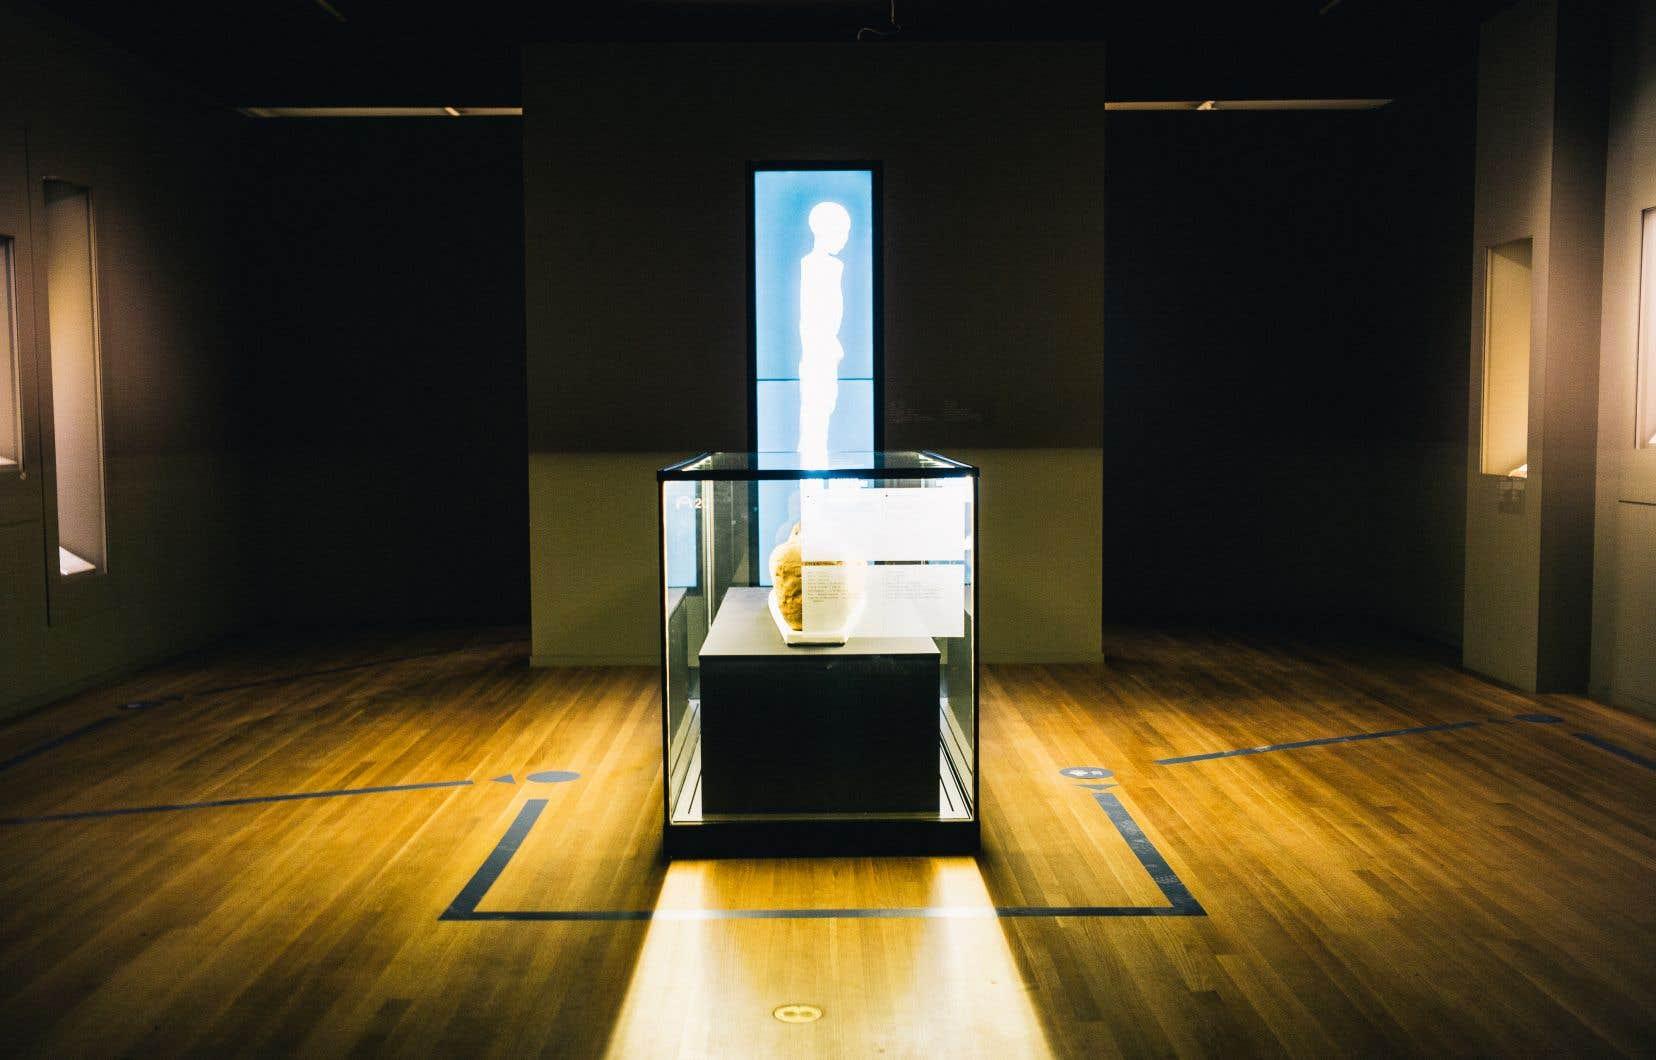 Le Musée des beaux-arts de Montréal reprend là où il s'est arrêté en mars : sur le bord du Nil, avec l'exposition «Momies égyptiennes». Des flèches et des pastilles au sol indiquent, tous les deux mètres, où poser les pieds, où attendre, comment contourner les oeuvres…